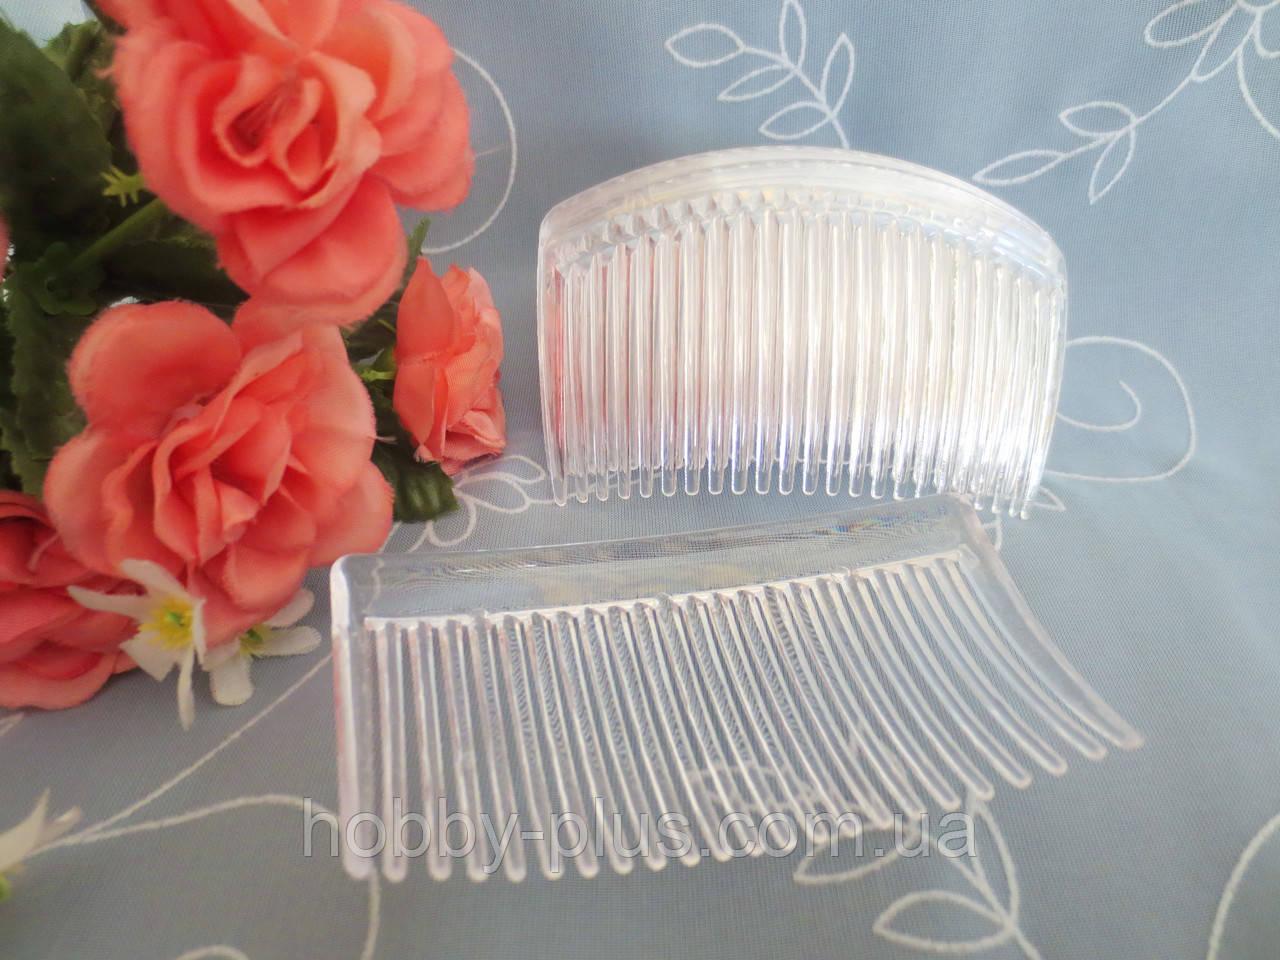 Гребешок-основа пластиковый, 8,5 см, прозрачный